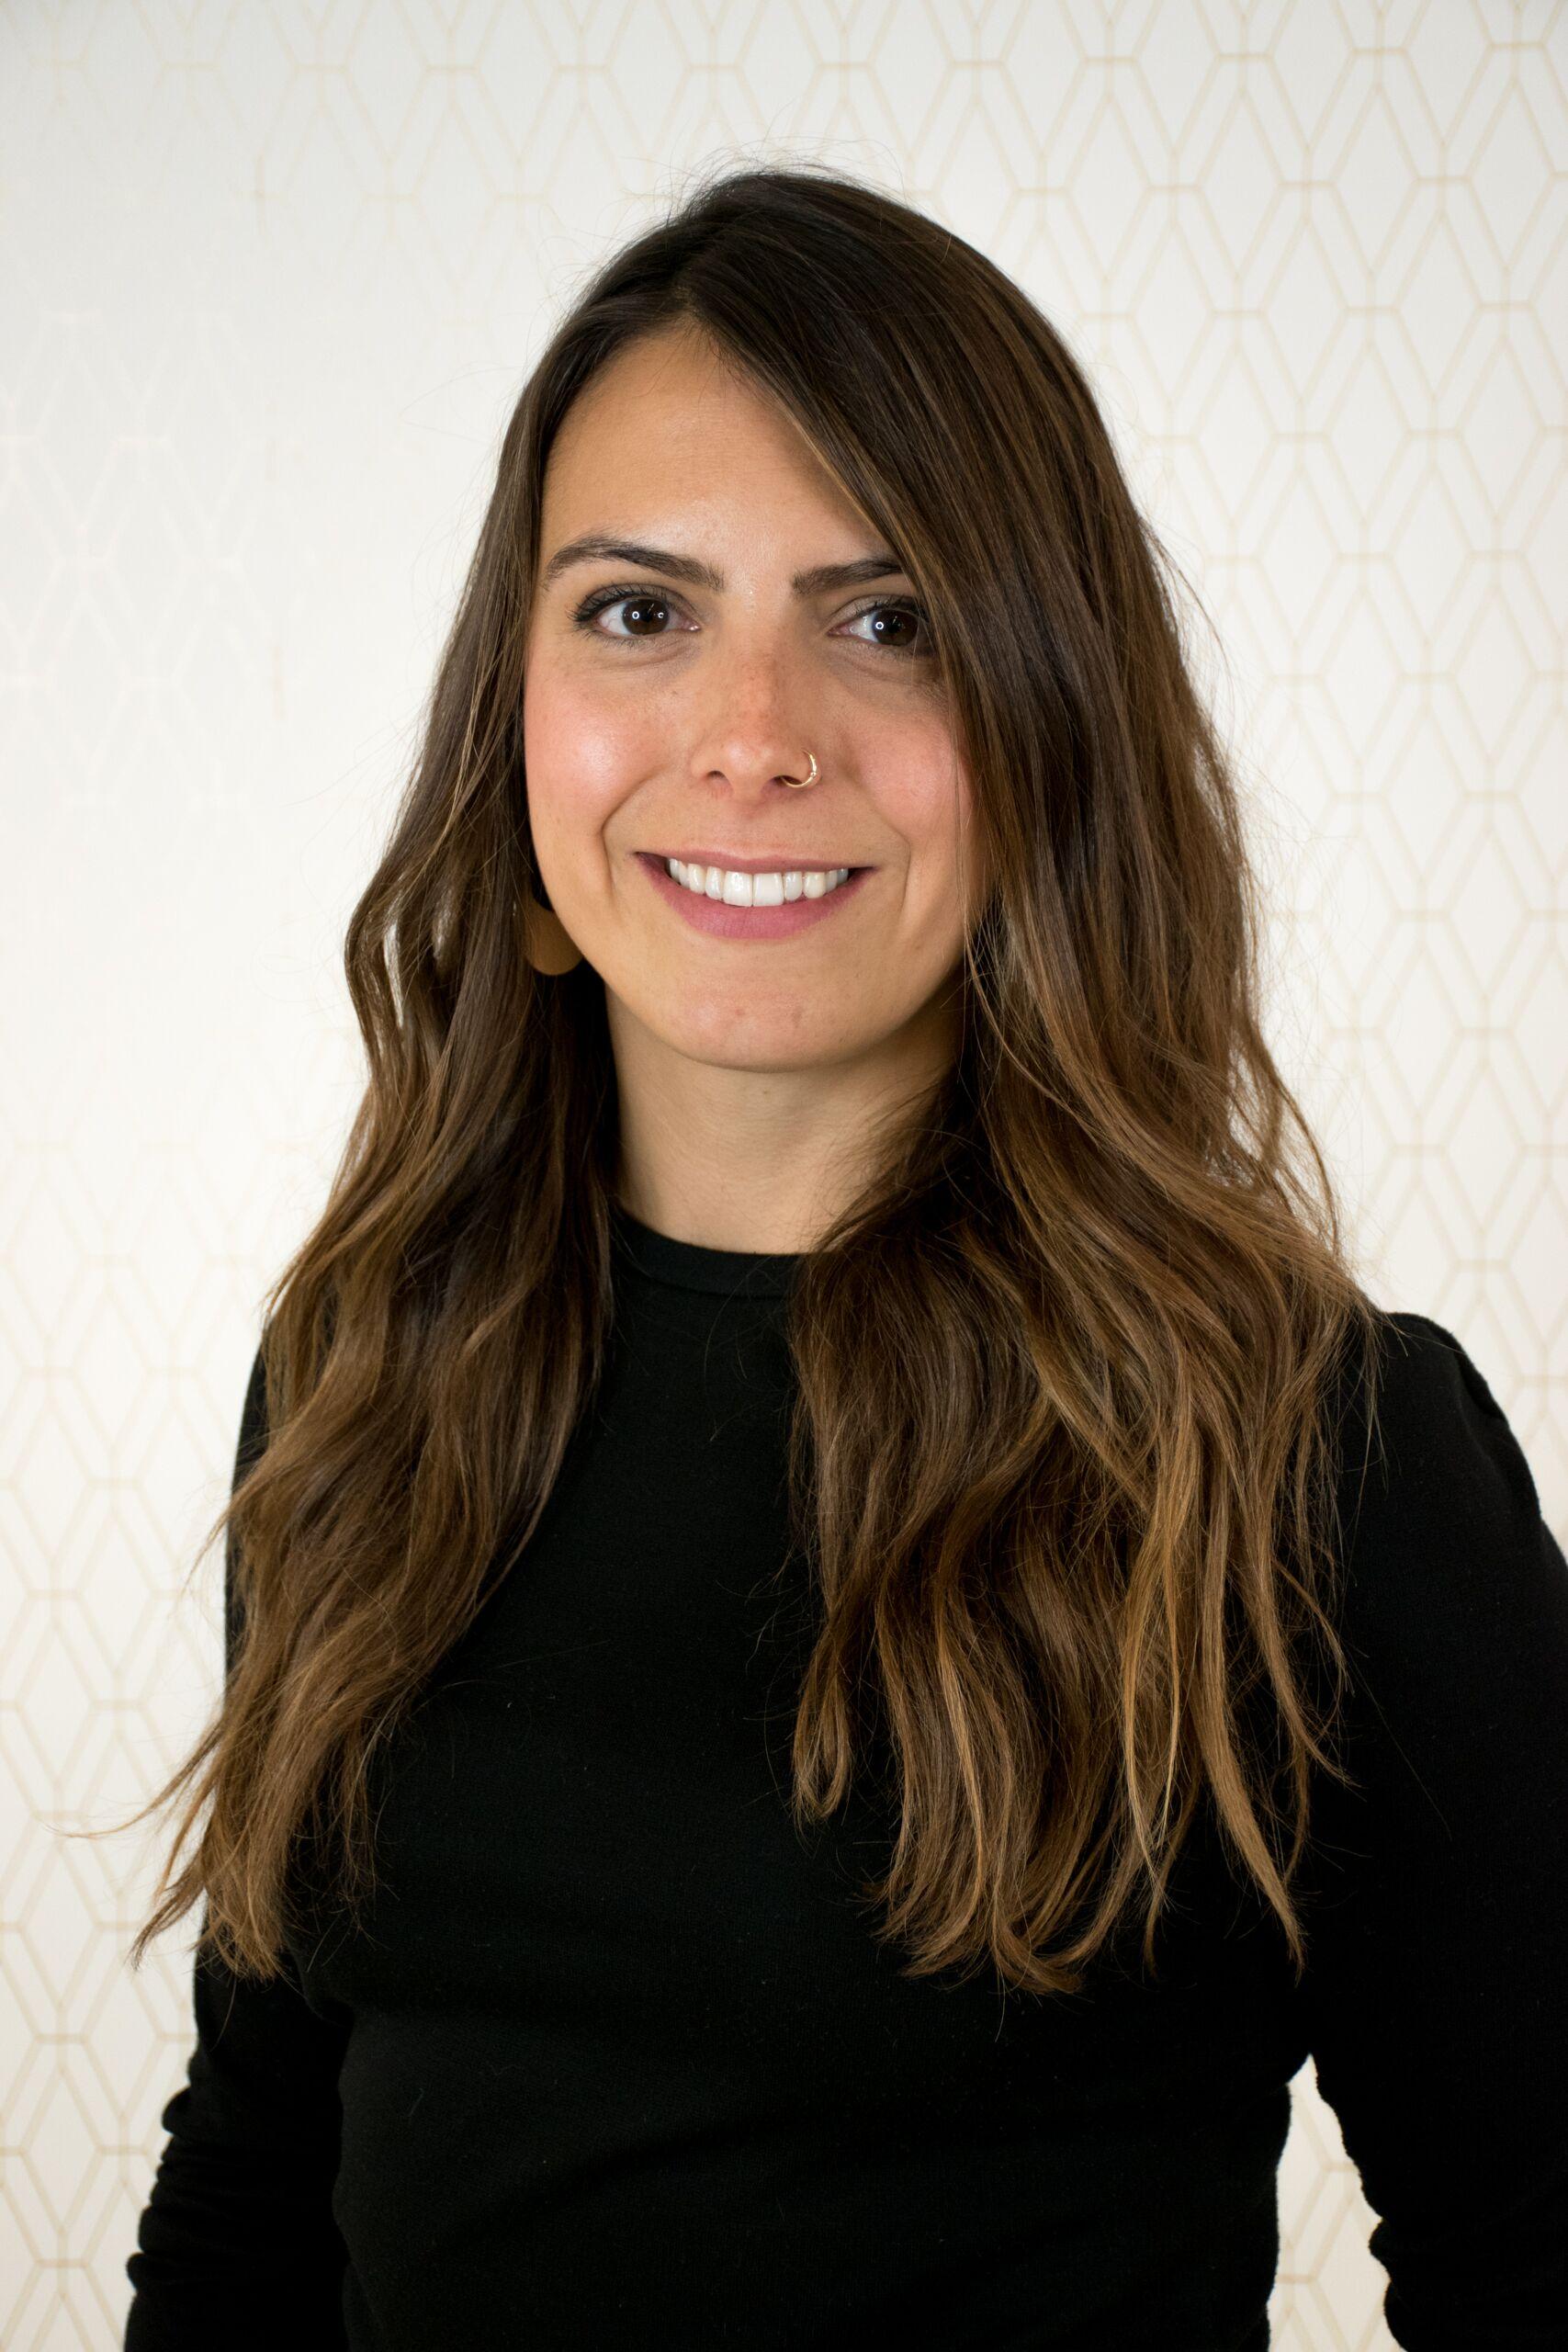 Larissa Borchert - Senior Stylist@hairstylist_larissa